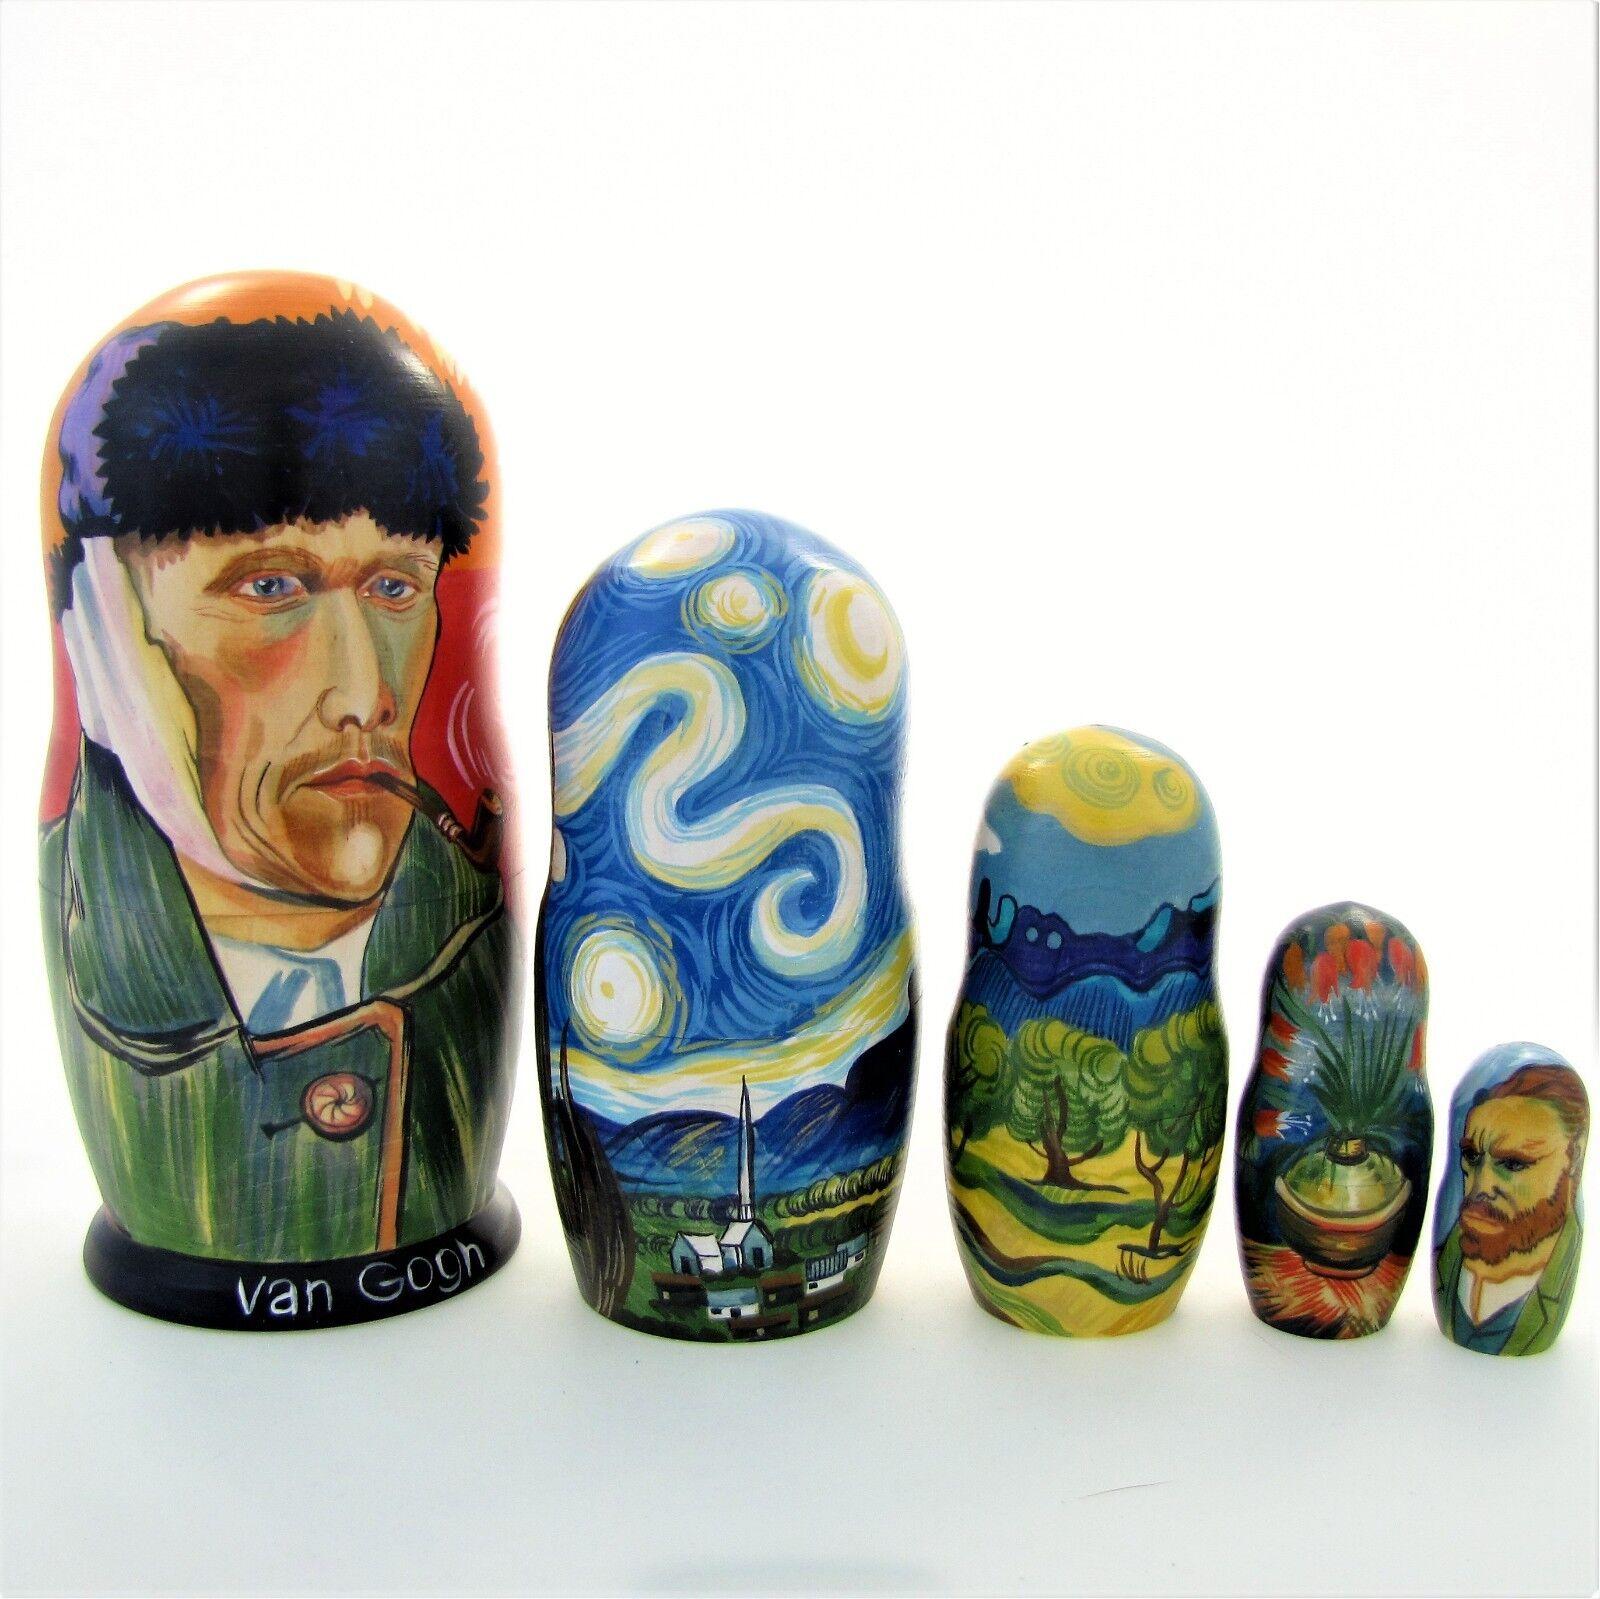 Poupées russes exclusive H19 Van Gogh Matriochka Russian Doll Matrioshka Bonecas